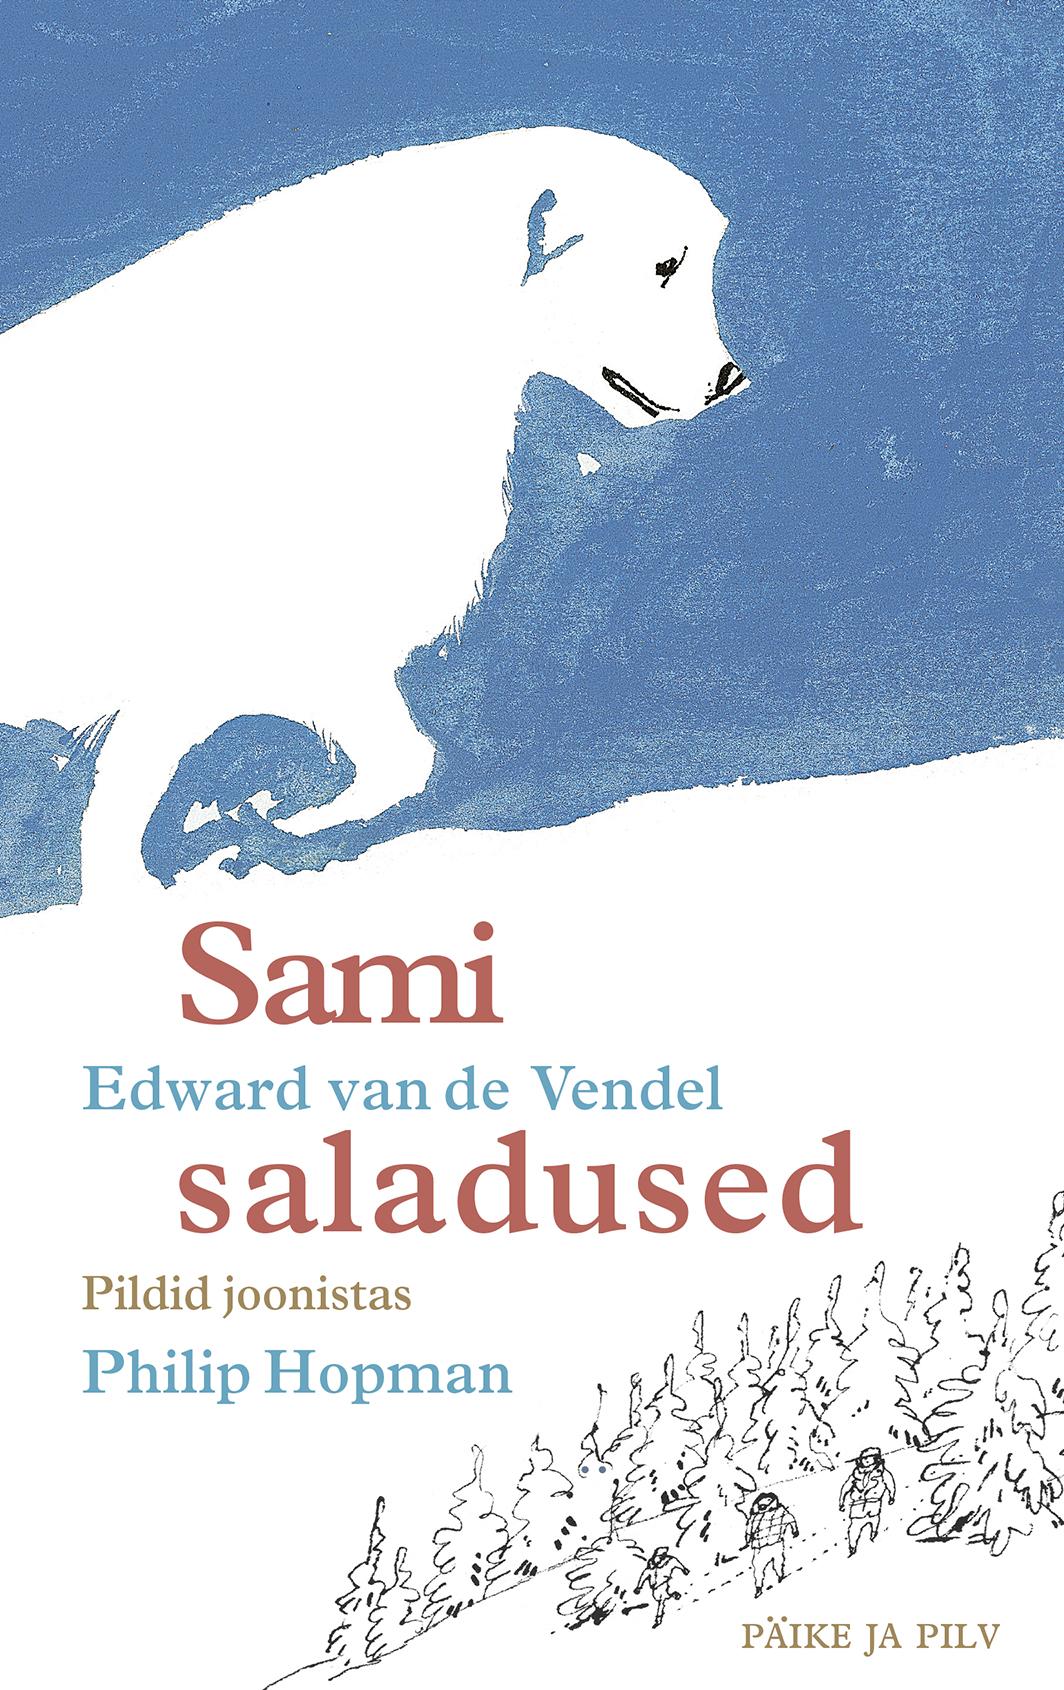 Sami saladused